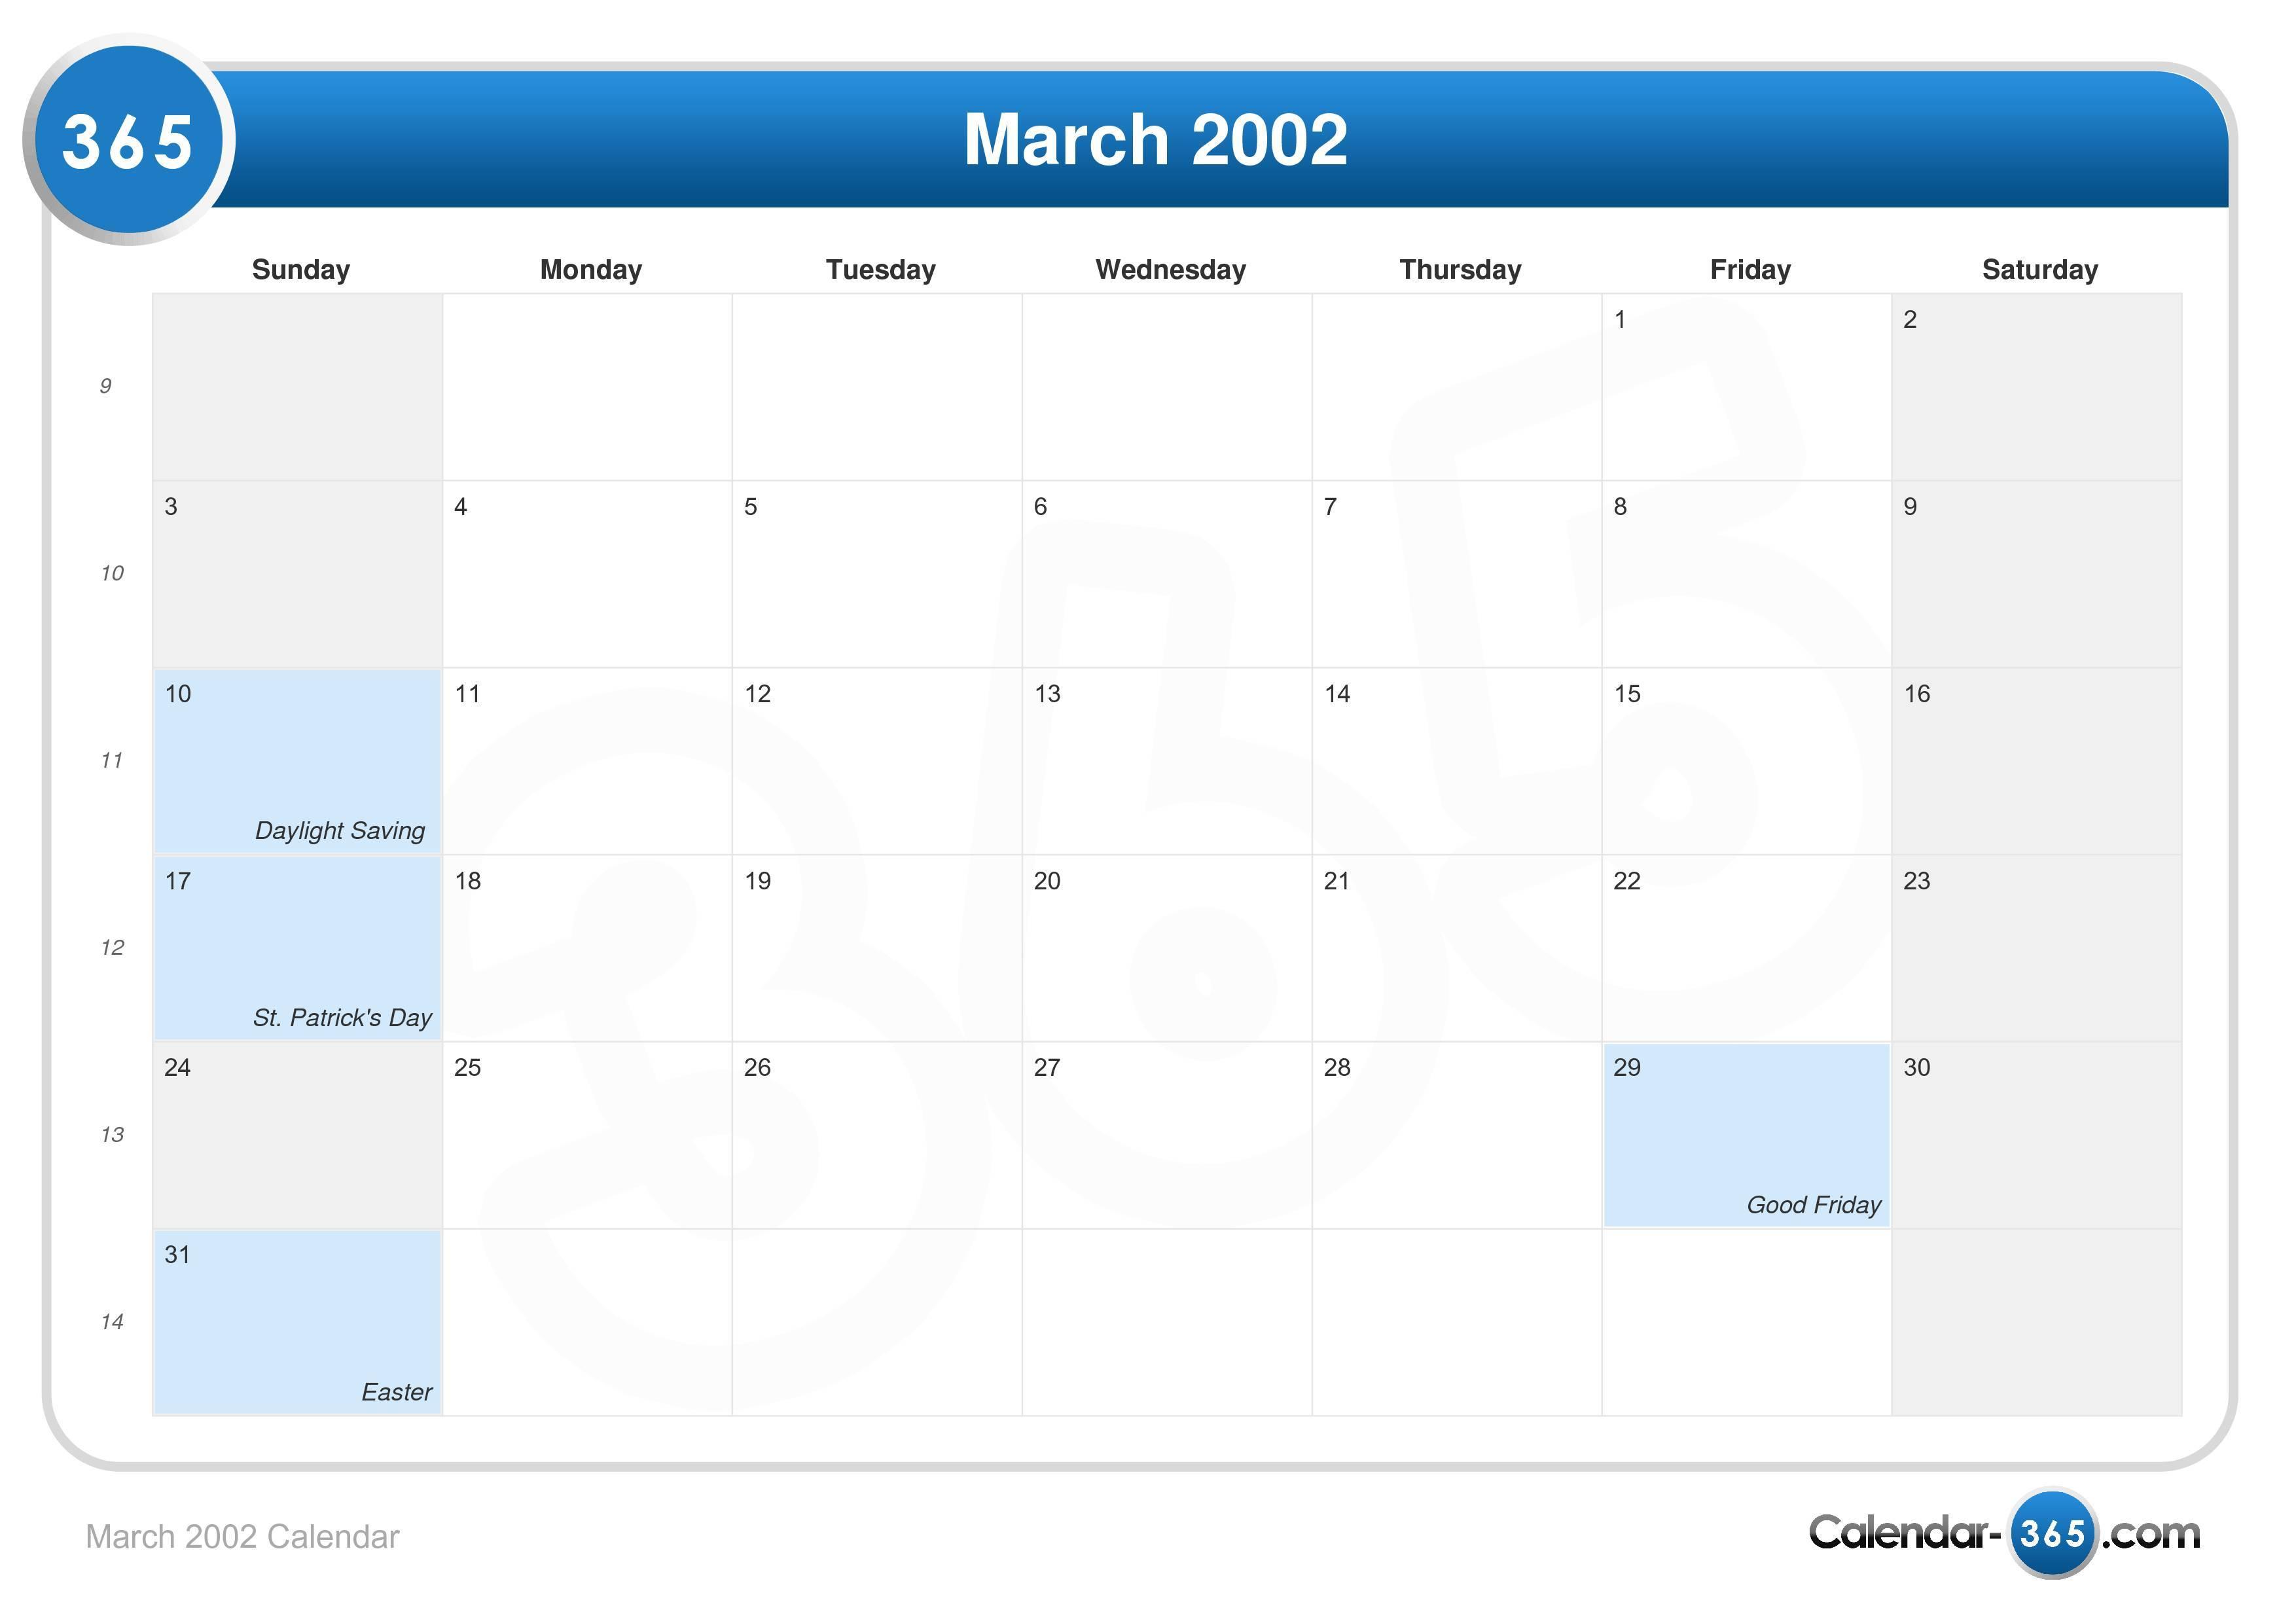 March 2002 Calendar